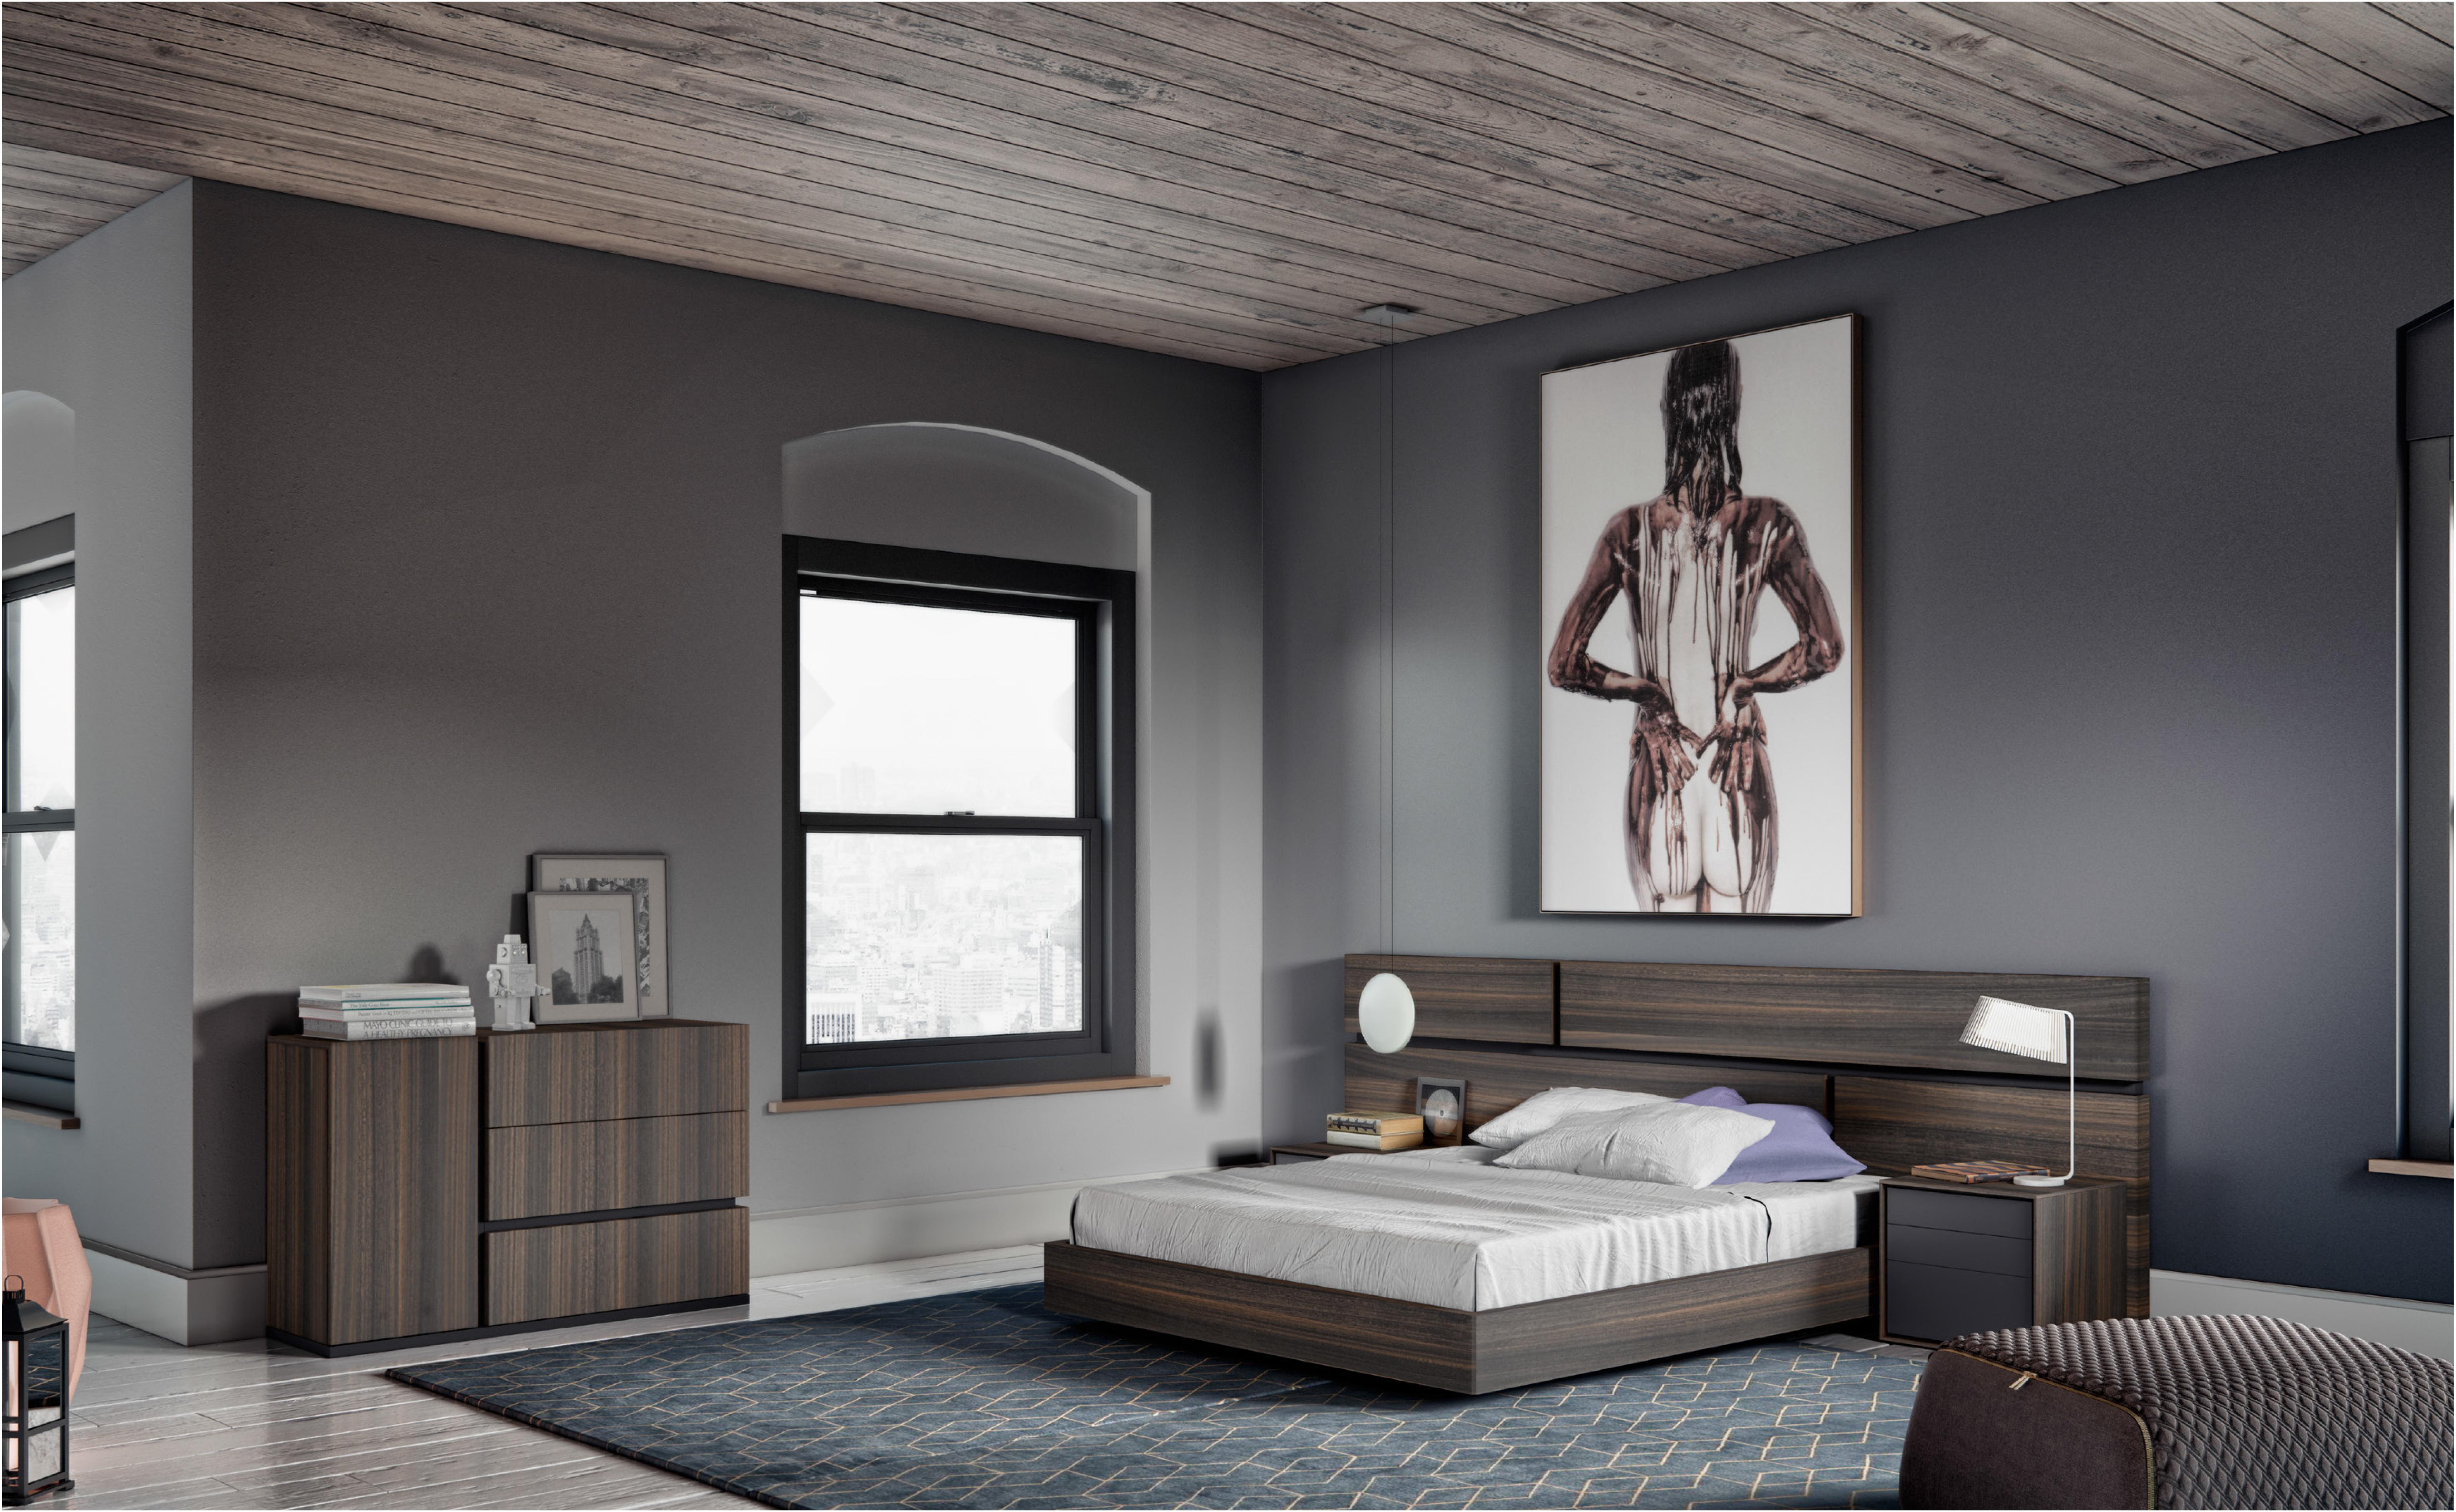 Nueva colecci n dormitorios 2016 tendencias dise o - David moreno interiores ...